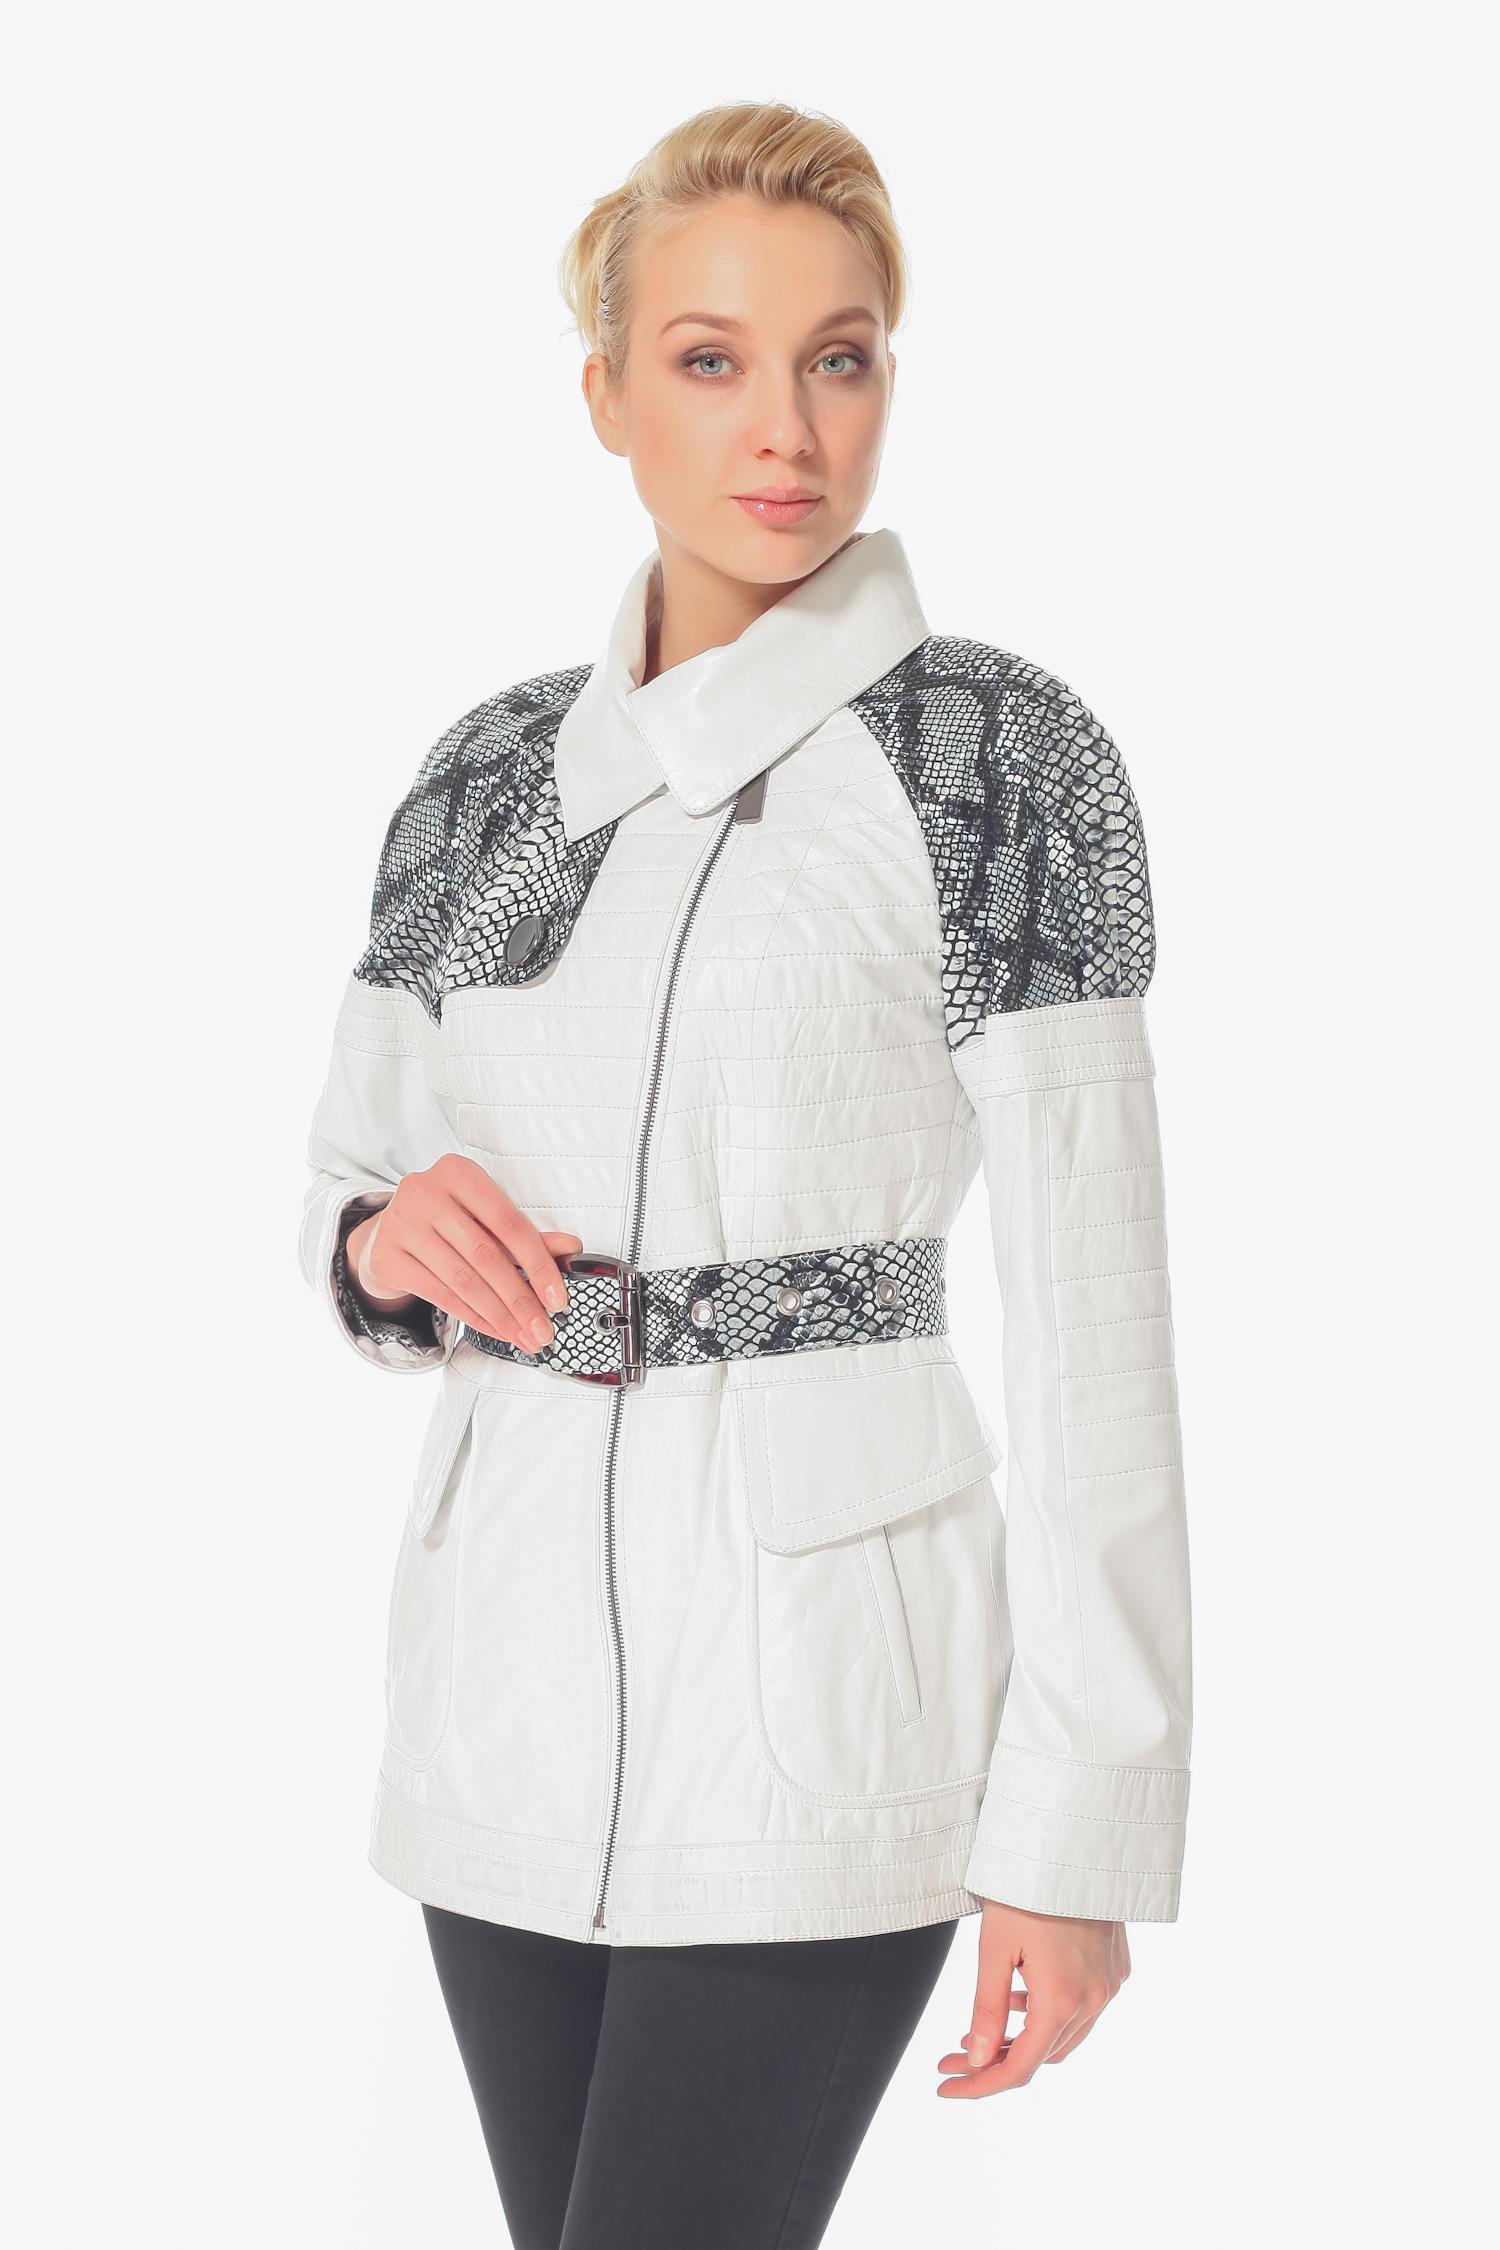 Женская кожаная куртка из натуральной кожи с воротником, без отделки<br><br>Воротник: Обычный<br>Длина см: 70<br>Материал: Натуральная кожа<br>Цвет: Белый<br>Пол: Женский